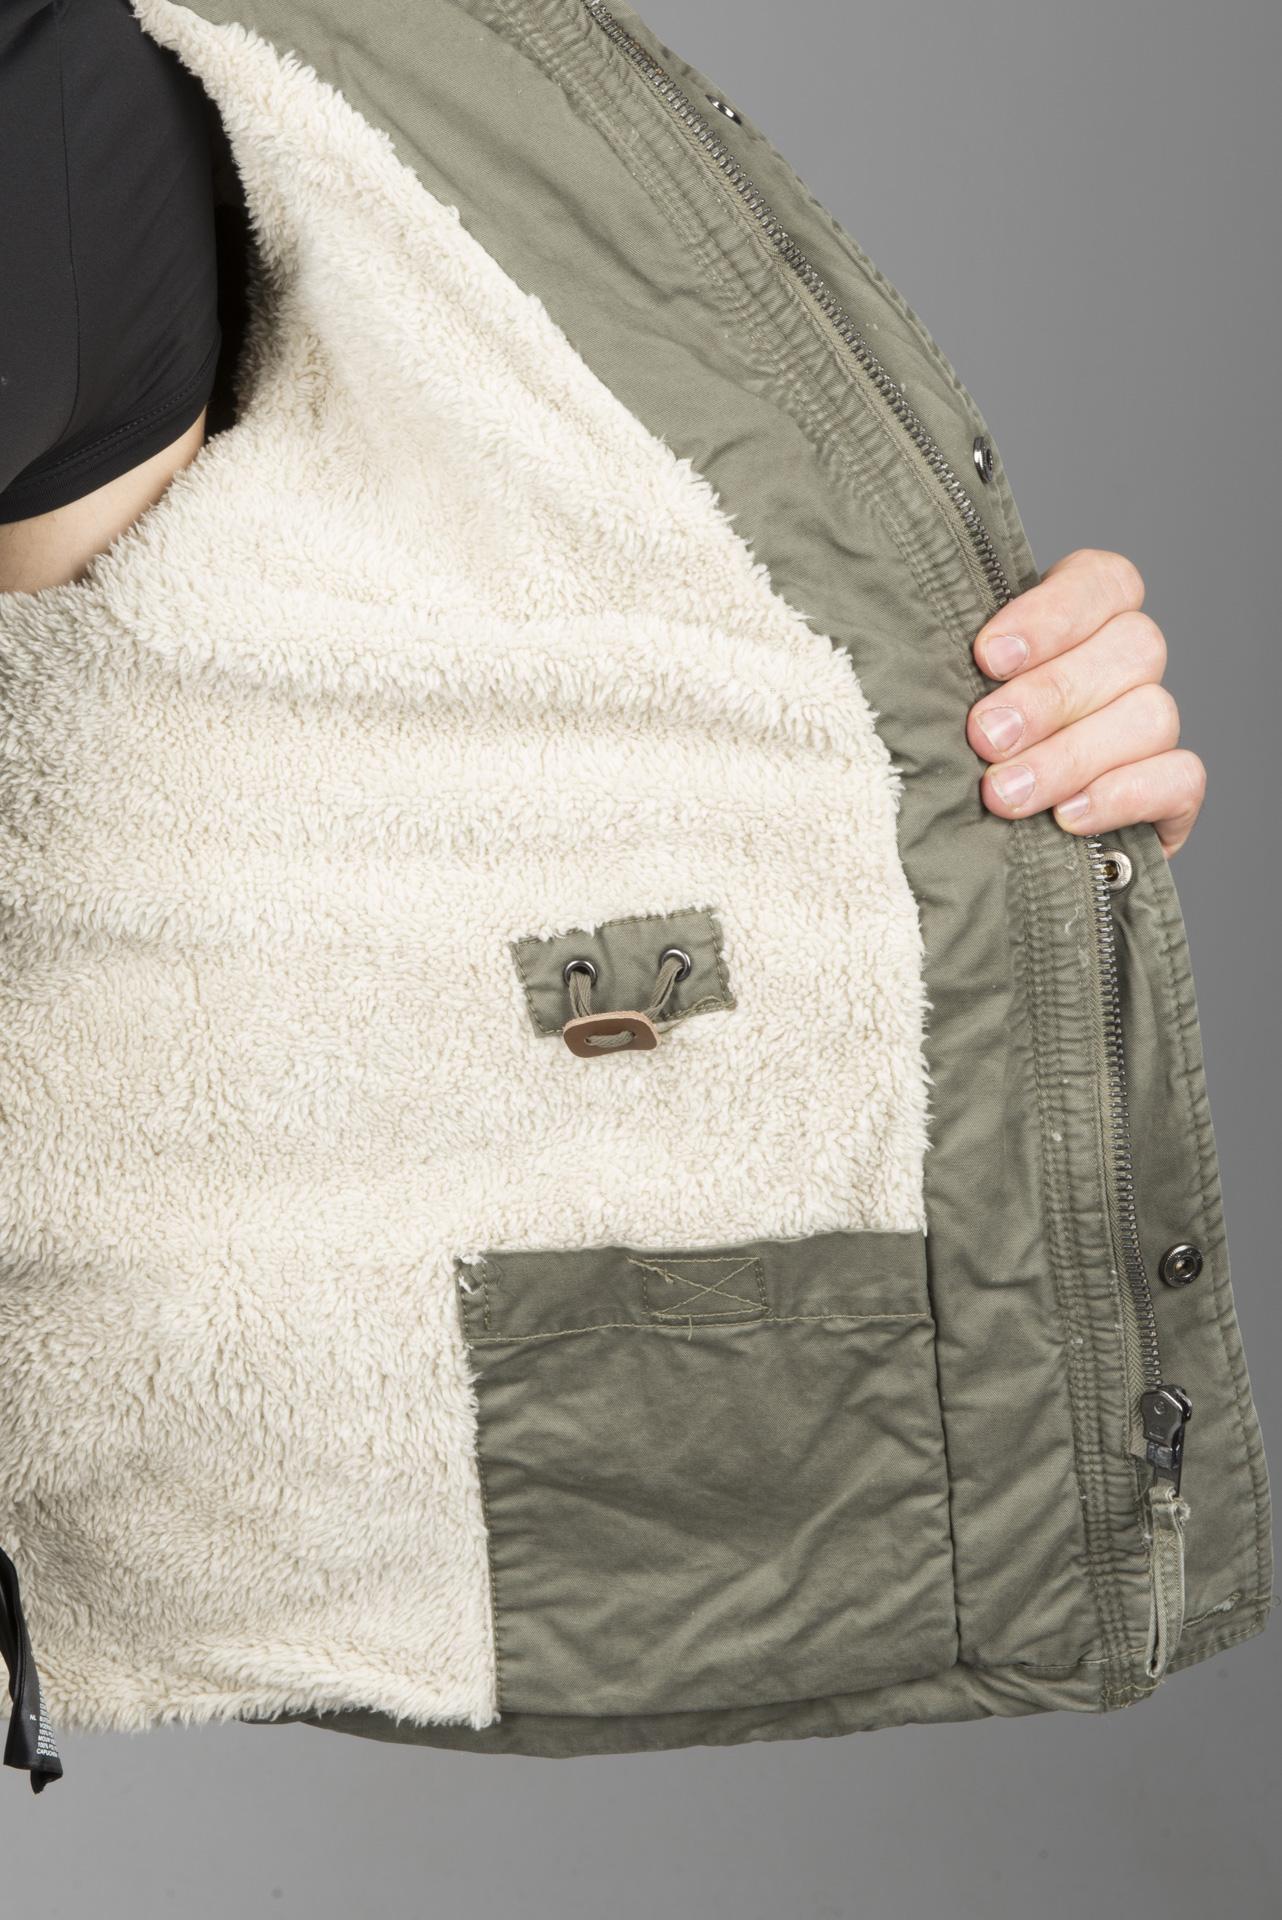 Brandit Britannia Winter Jacket Olive Best Buy today